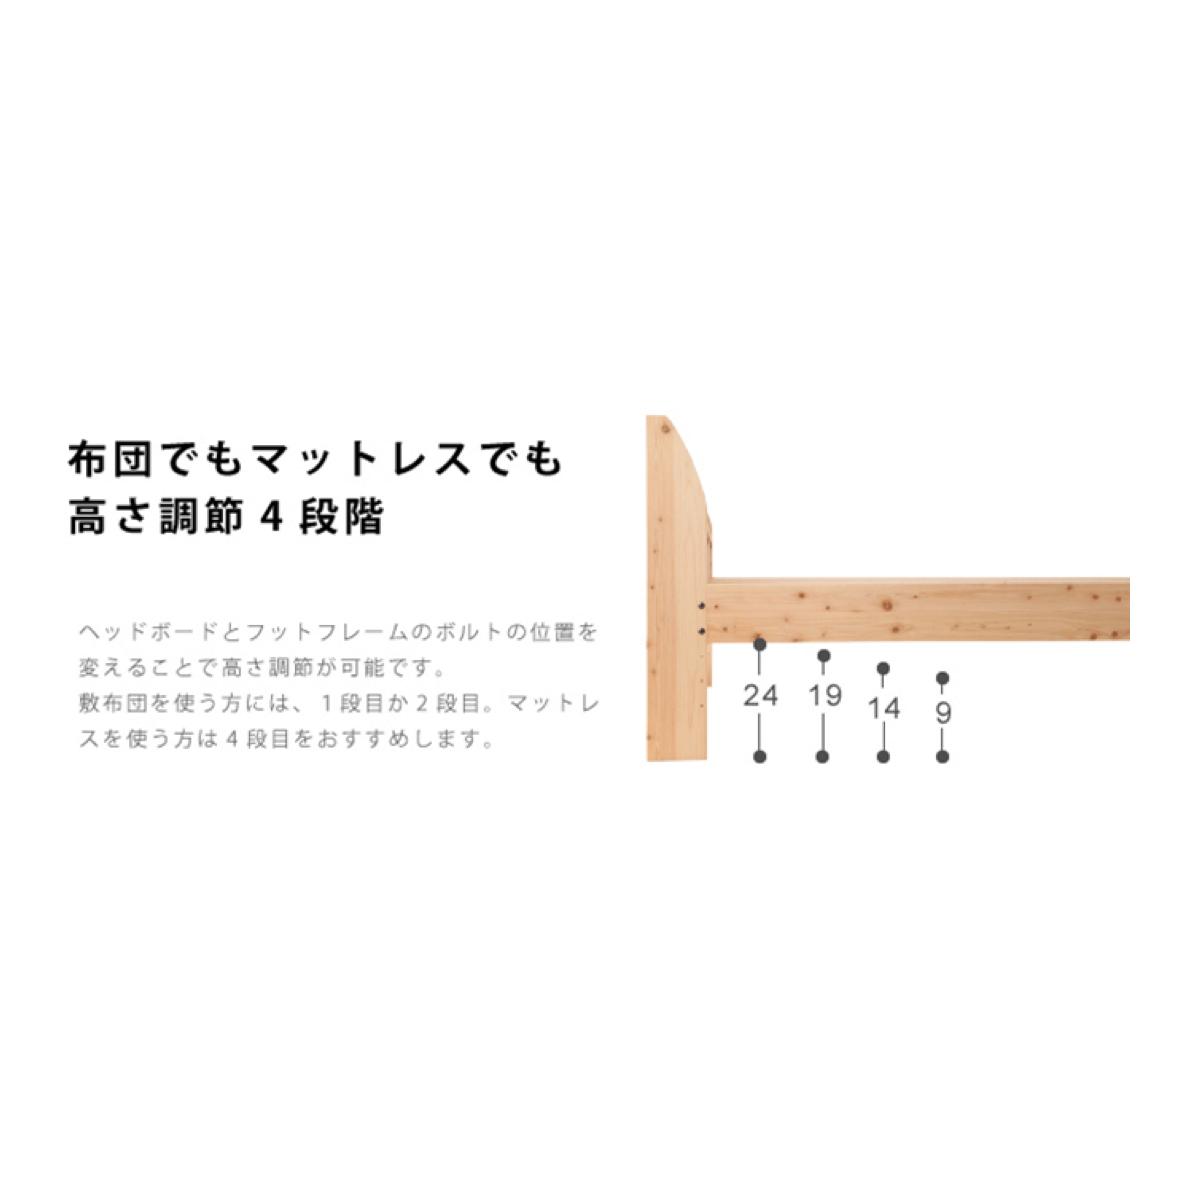 TCB233 ヒノキ Sフレーム3